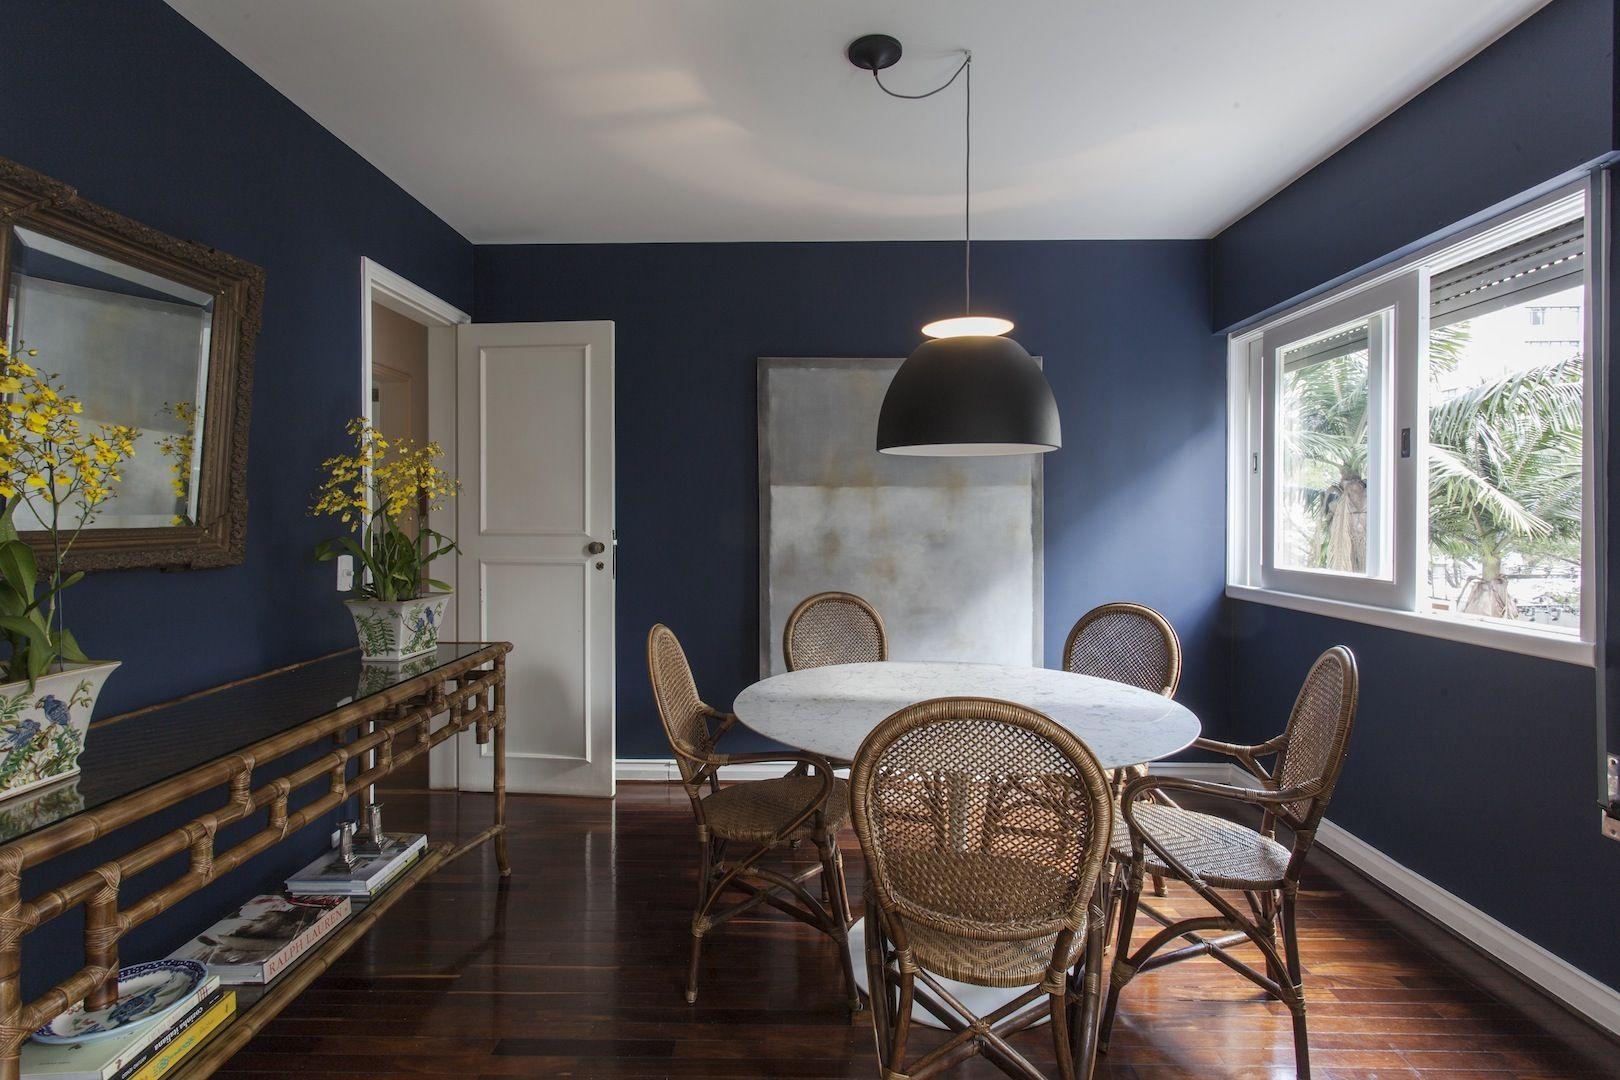 26 Salas De Jantar Incr Veis De Casapro Wall Colours Dining And  -> Cores Parede Sala Jantar